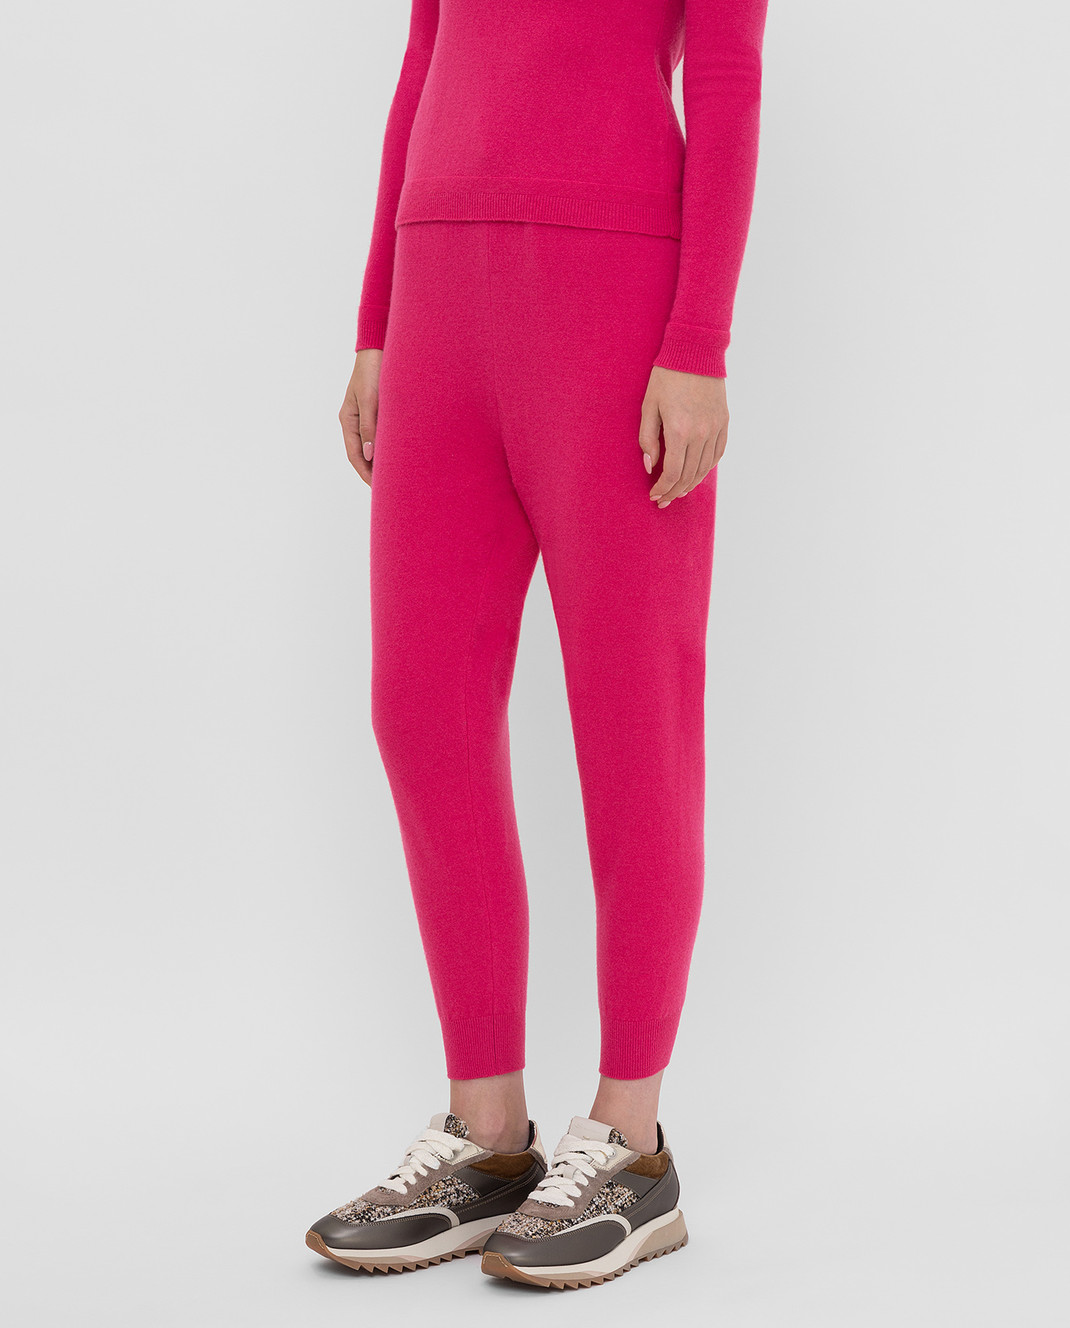 Tak.Ori Малиновые спортивные брюки изображение 3